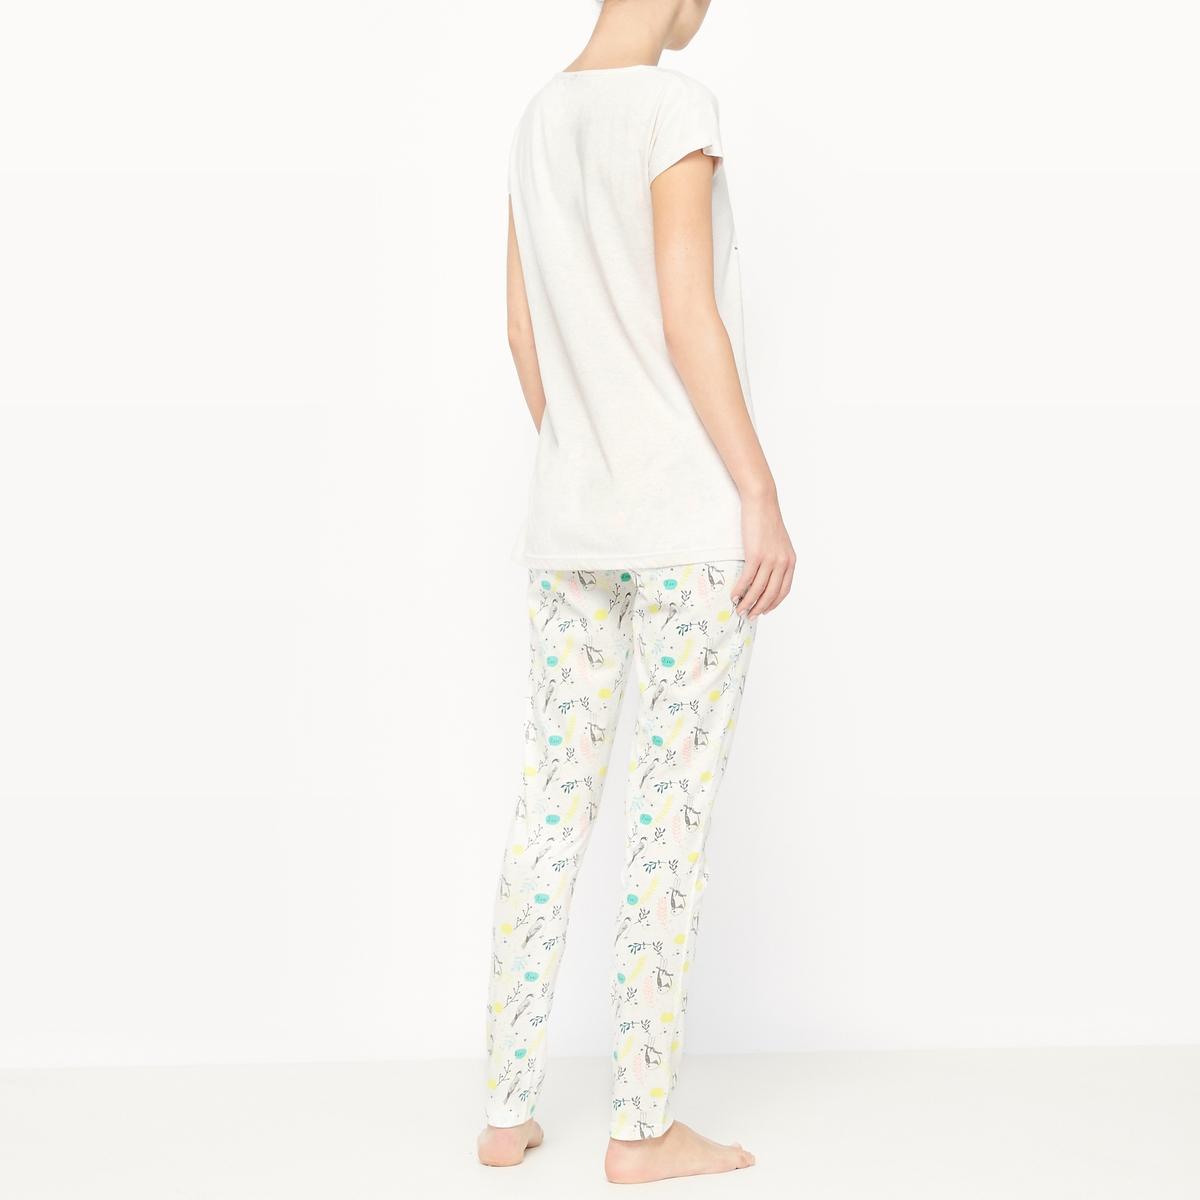 Пижама с короткими рукавами из хлопка SpringПижама Spring от Dodo. Двухцветная пижама из мягкой ткани, яркая расцветка.  Однотонная футболка с короткими рукавами, оригинальный закругленный вырез, рисунок спереди. Брюки с рисунком и эластичным поясом.Состав и описание :Материал футболки : 50% хлопка, 50% полиэстераМатериал брюк : 100% хлопокМарка : Dodo Уход :Машинная стирка при 30 °C с вещами схожих цветов<br><br>Цвет: рисунок/бежевый фон<br>Размер: L